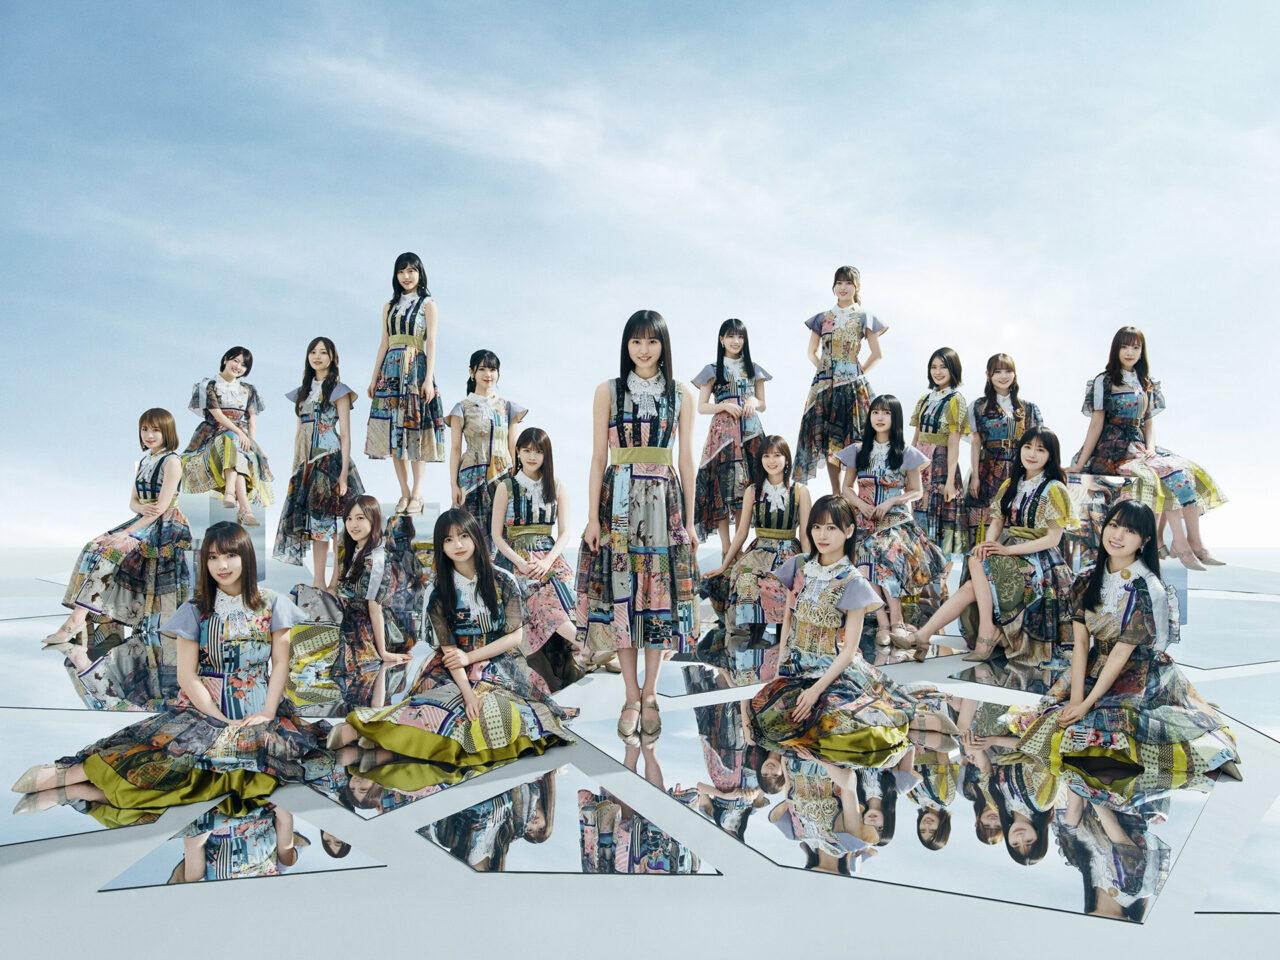 乃木坂46「真夏の全国ツアー2021」開催決定!ラストは4年ぶり東京ドーム公演!